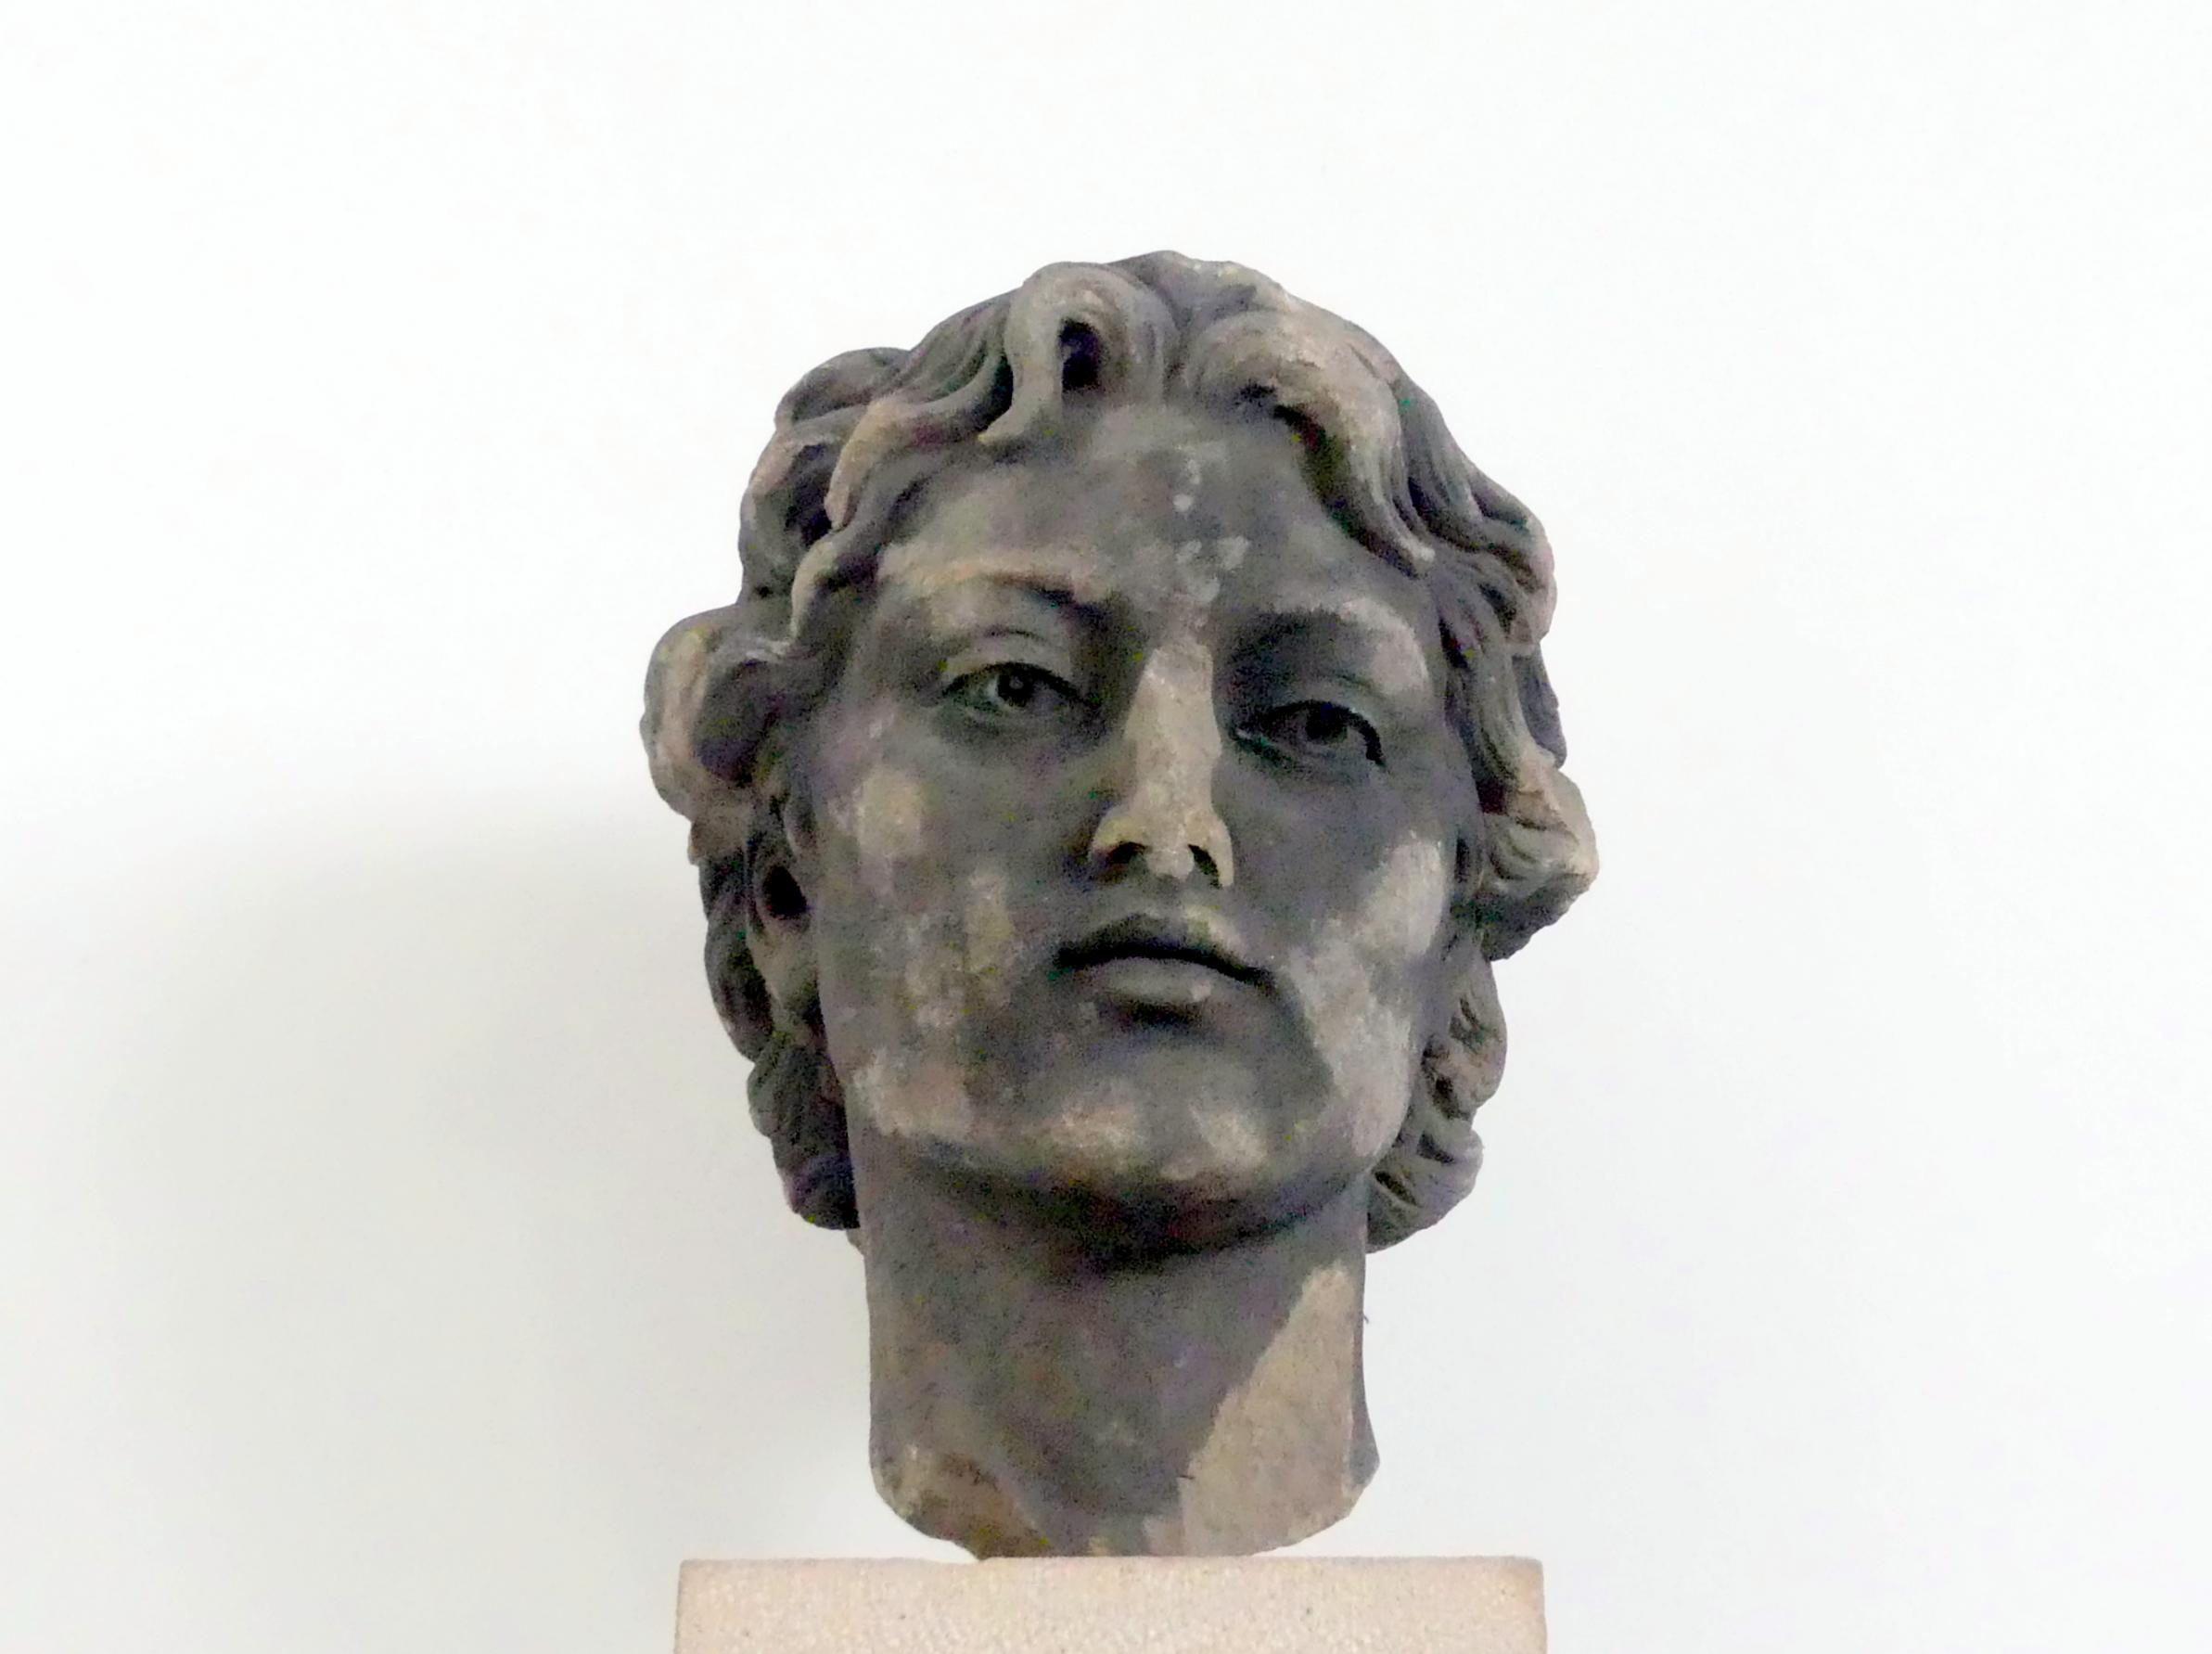 Bohuslav Schnirch: Kopf eines Jünglings aus der Allegoriengruppe der Hingabe (Inventar 407), 1889